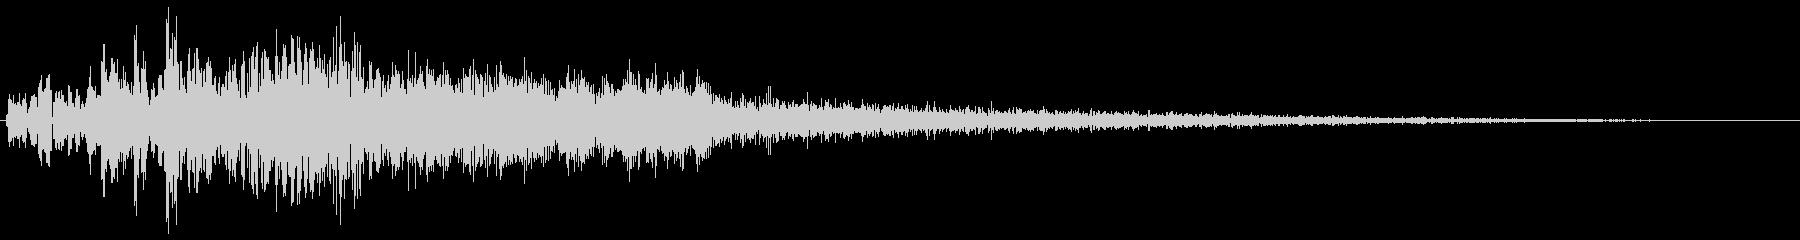 シュワーン(パワーアップ)の未再生の波形